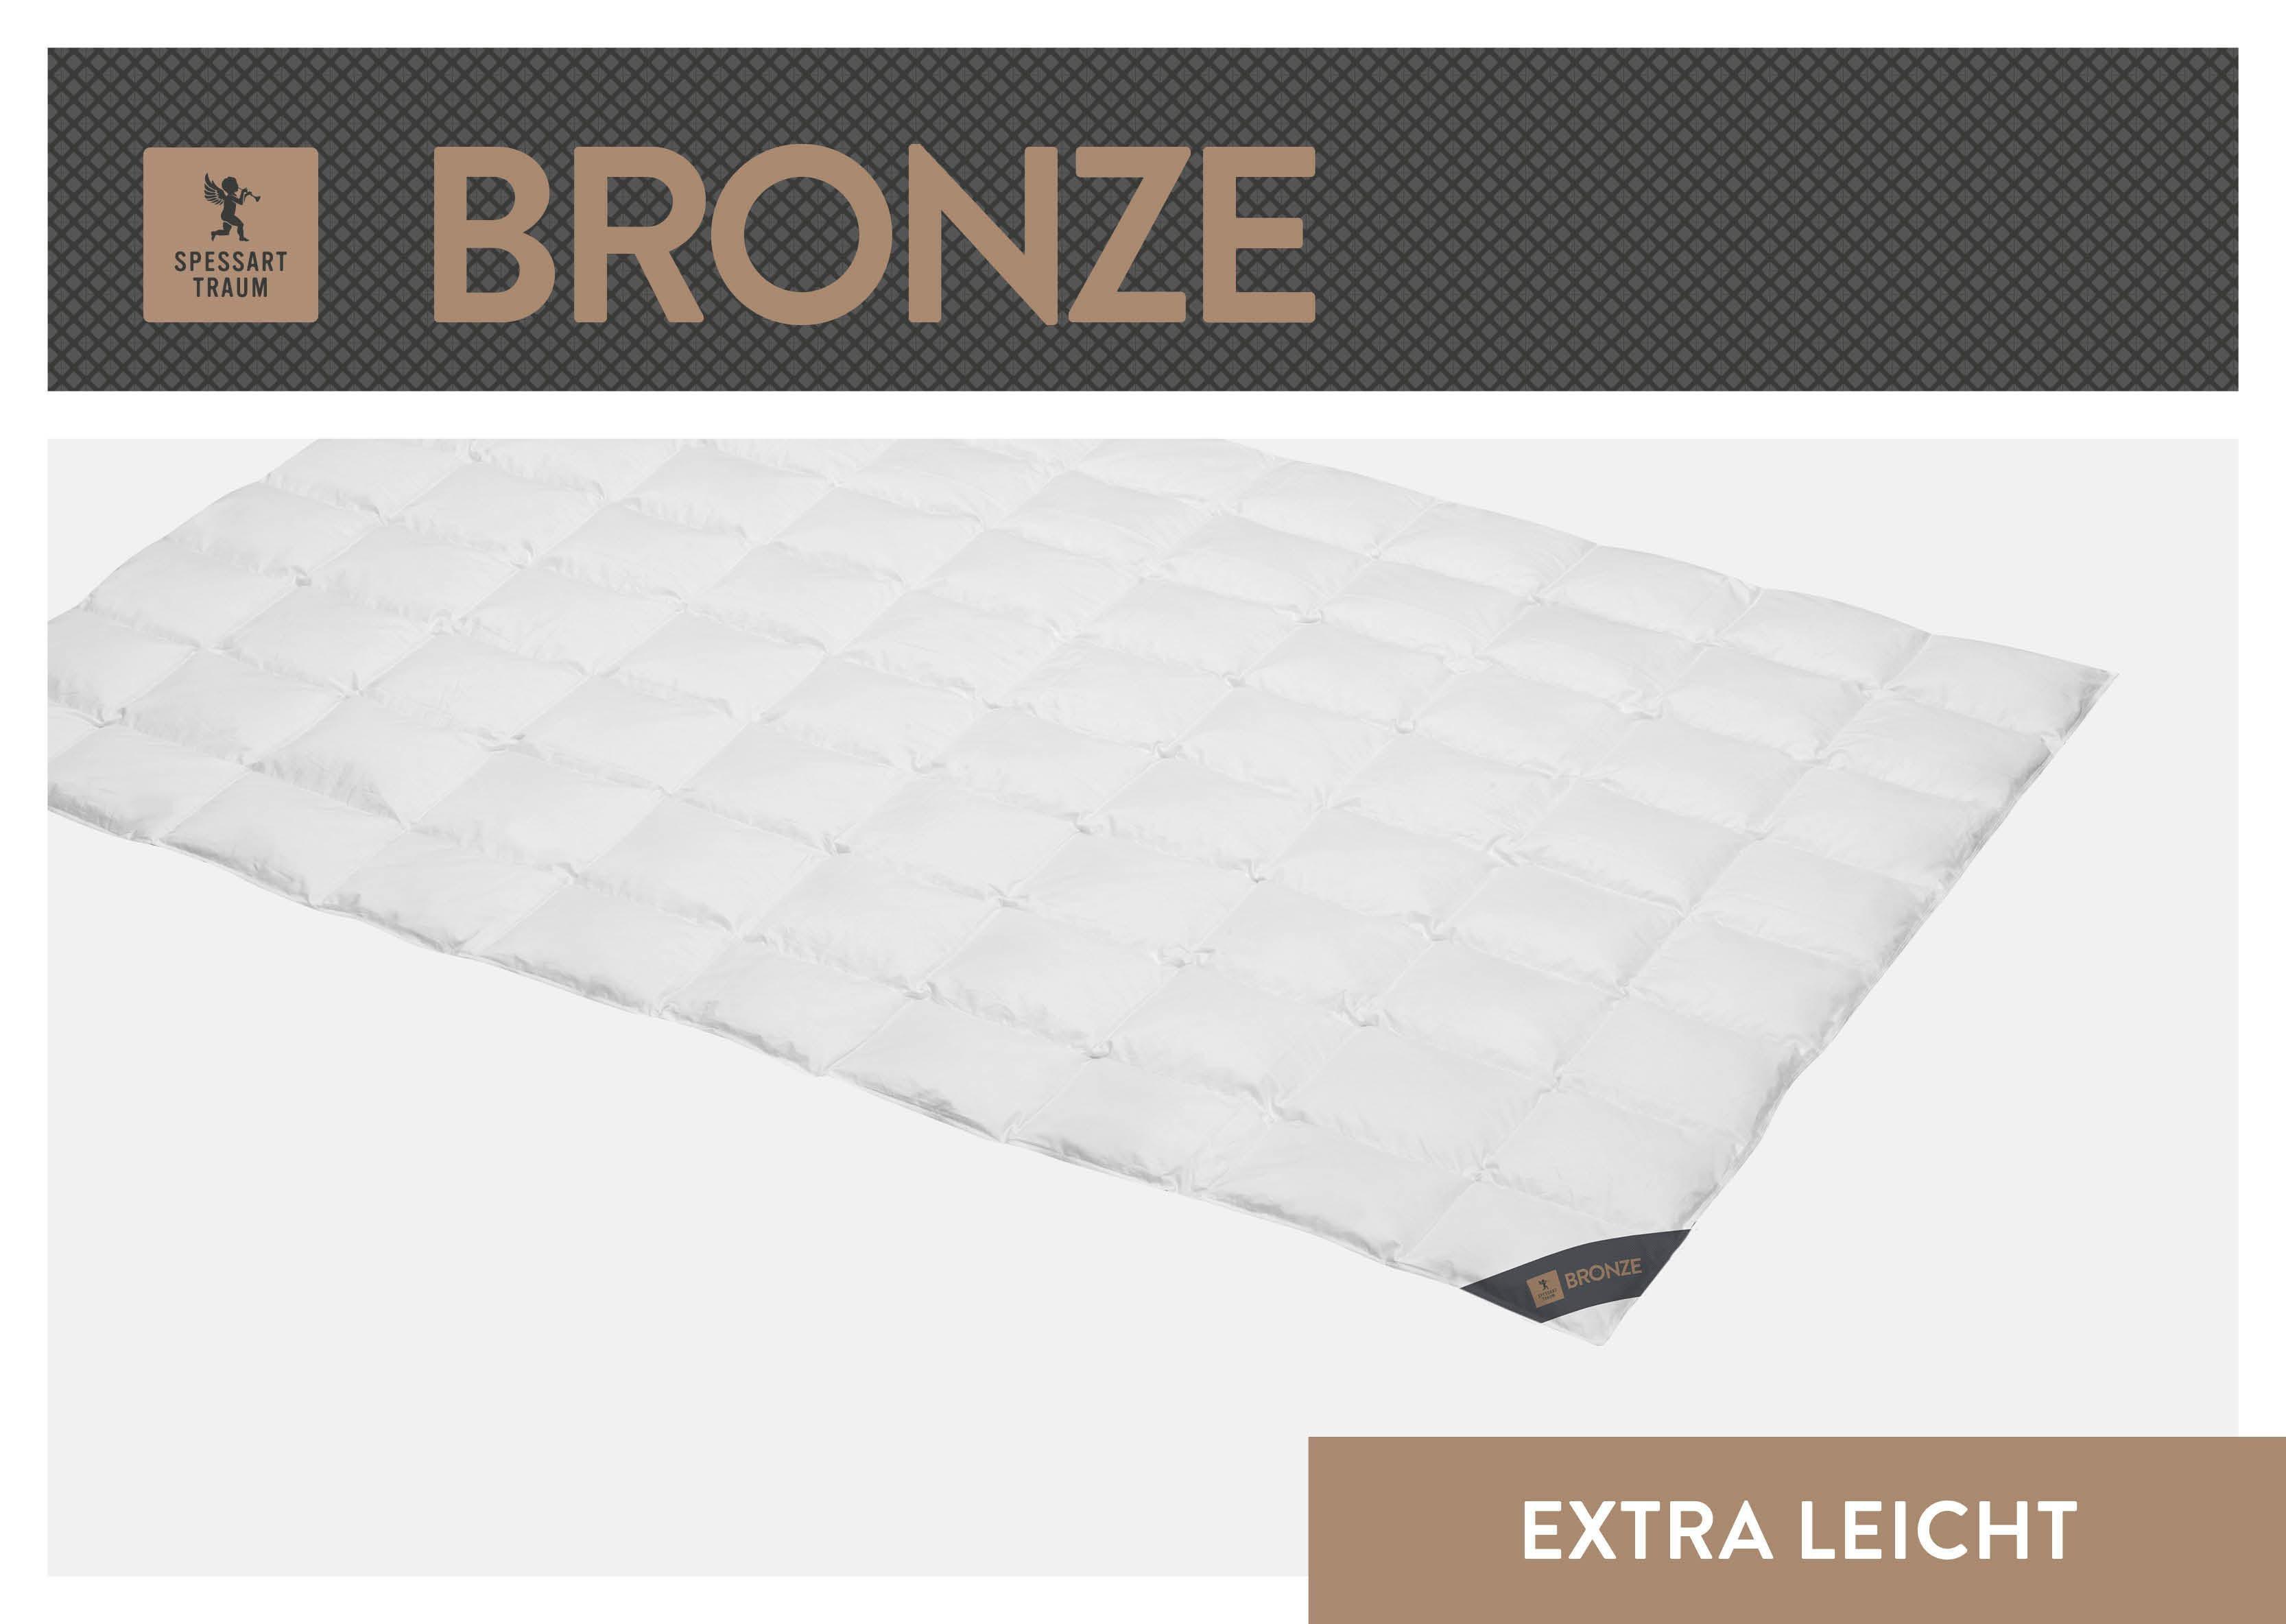 Daunenbettdecke Bronze SPESSARTTRAUM leicht Füllung: 90% Daunen 10% Federn Bezug: 100% Baumwolle